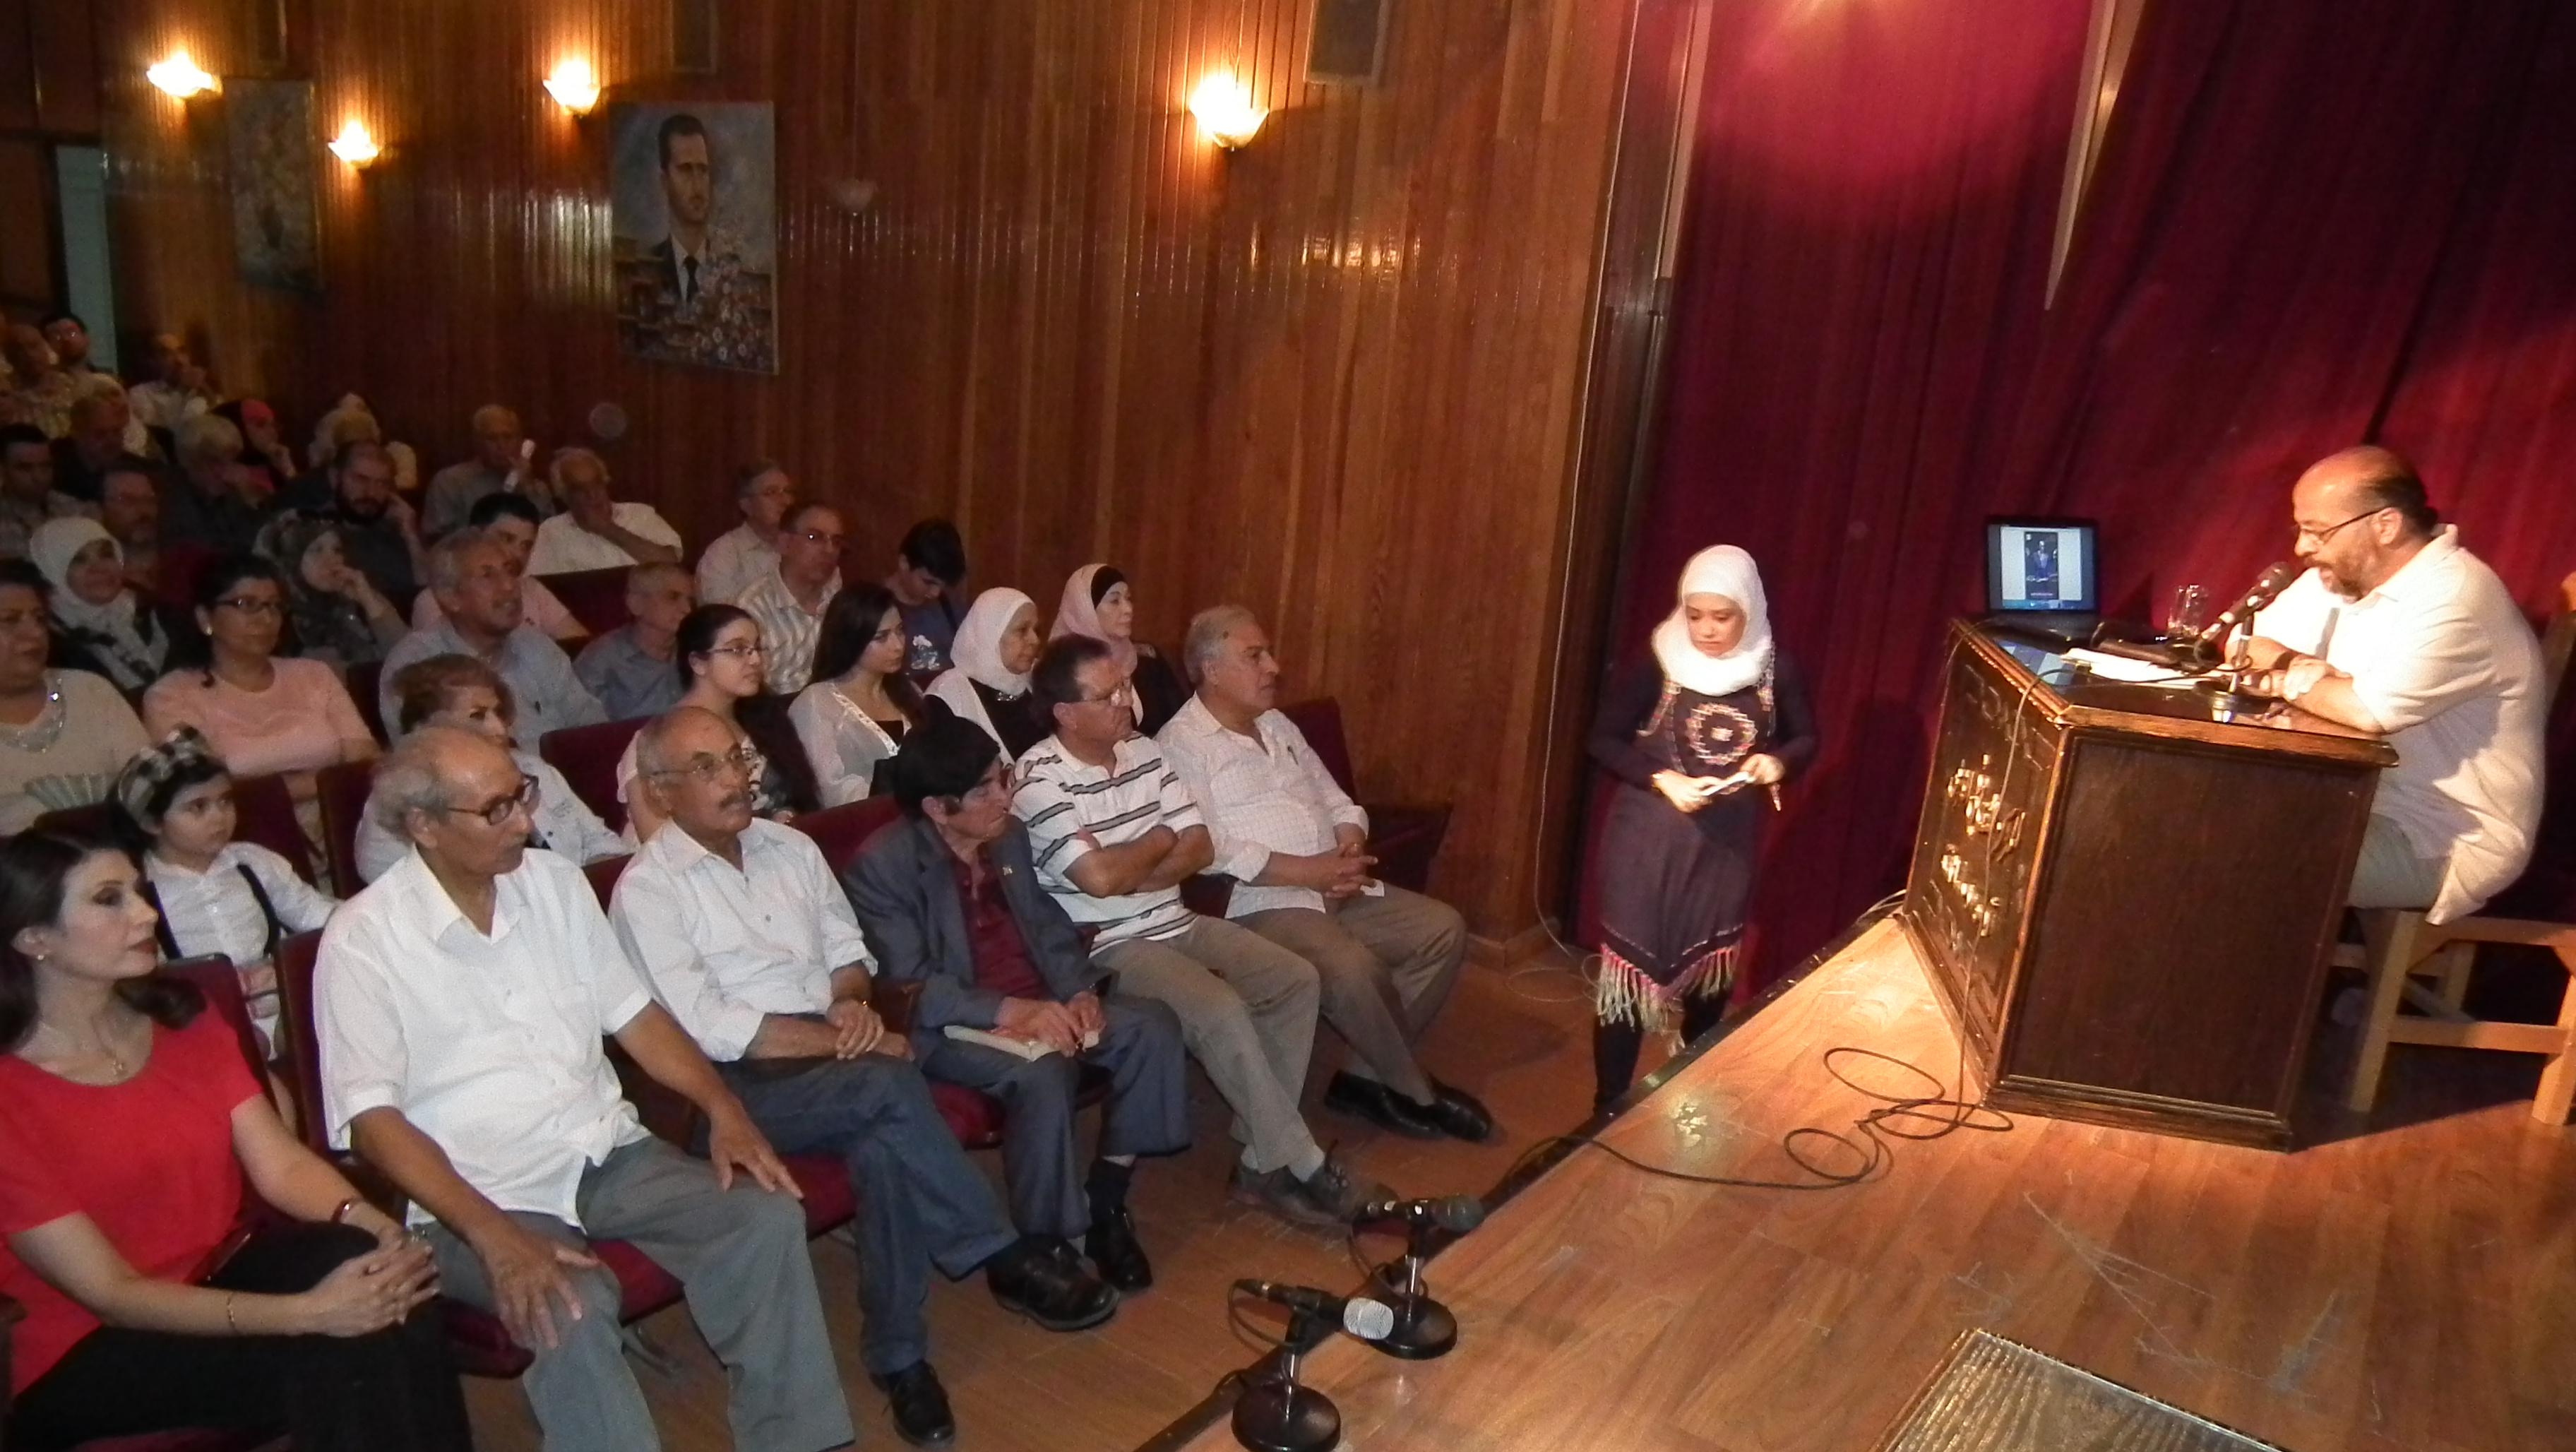 الموسيقار حسين نازك مكرما في ثقافي أبو رمانة بدمشق